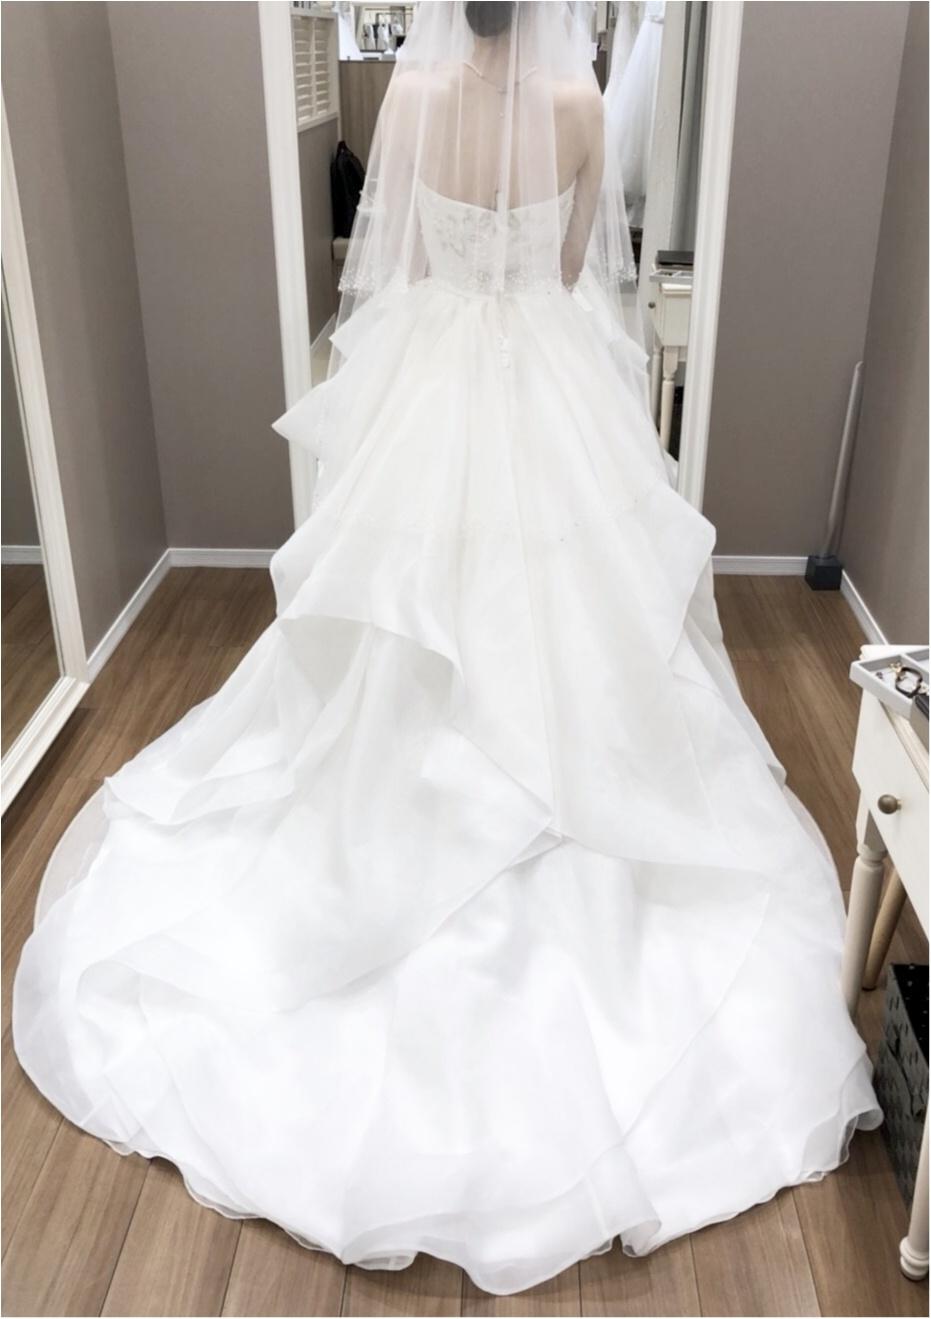 卒花さんに聞く【ドレス特集】-  結婚式・二次会におすすめ! プレ花嫁さんに人気のおしゃれなウェディングドレスは?_39